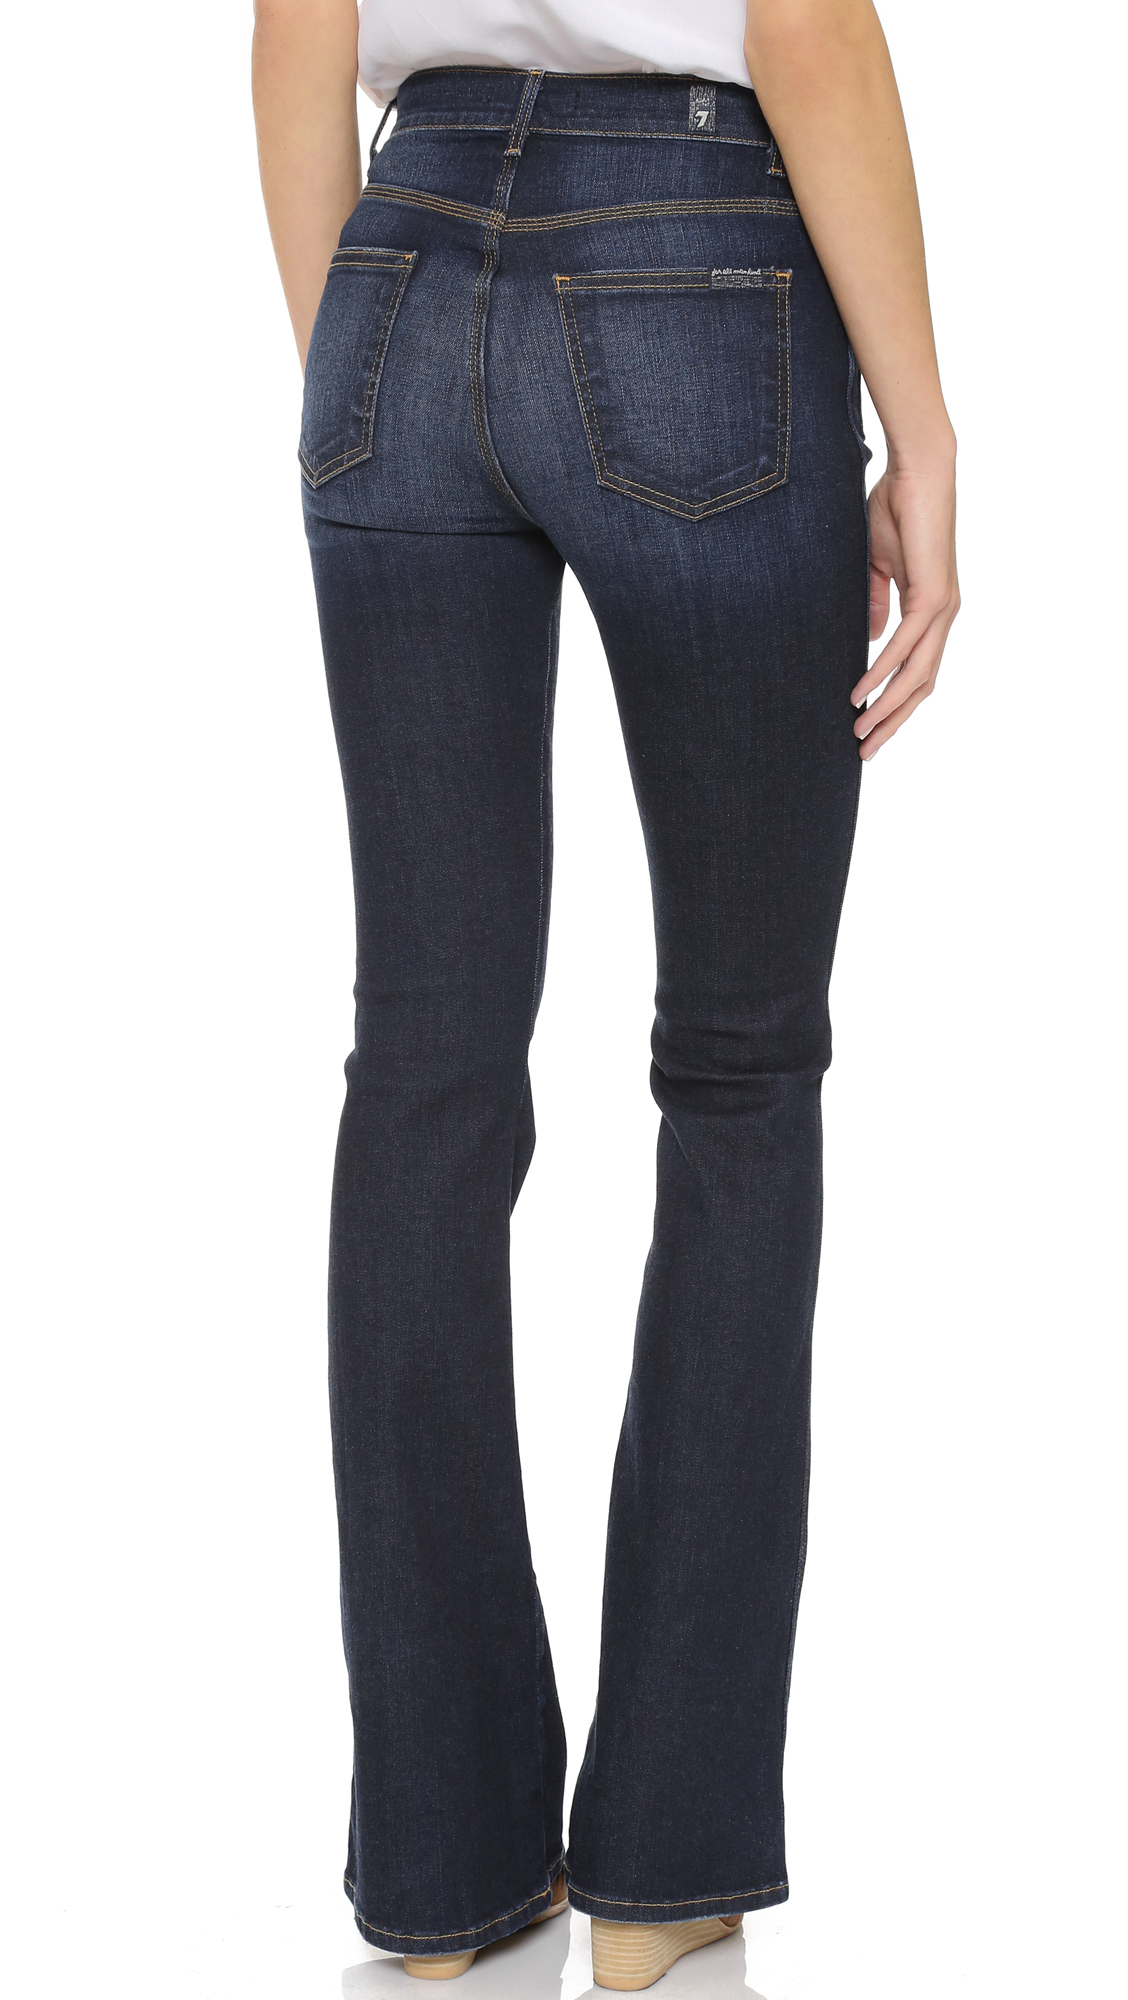 7 for all mankind Vintage Trouser Jeans - Vintage Runway Denim in ...